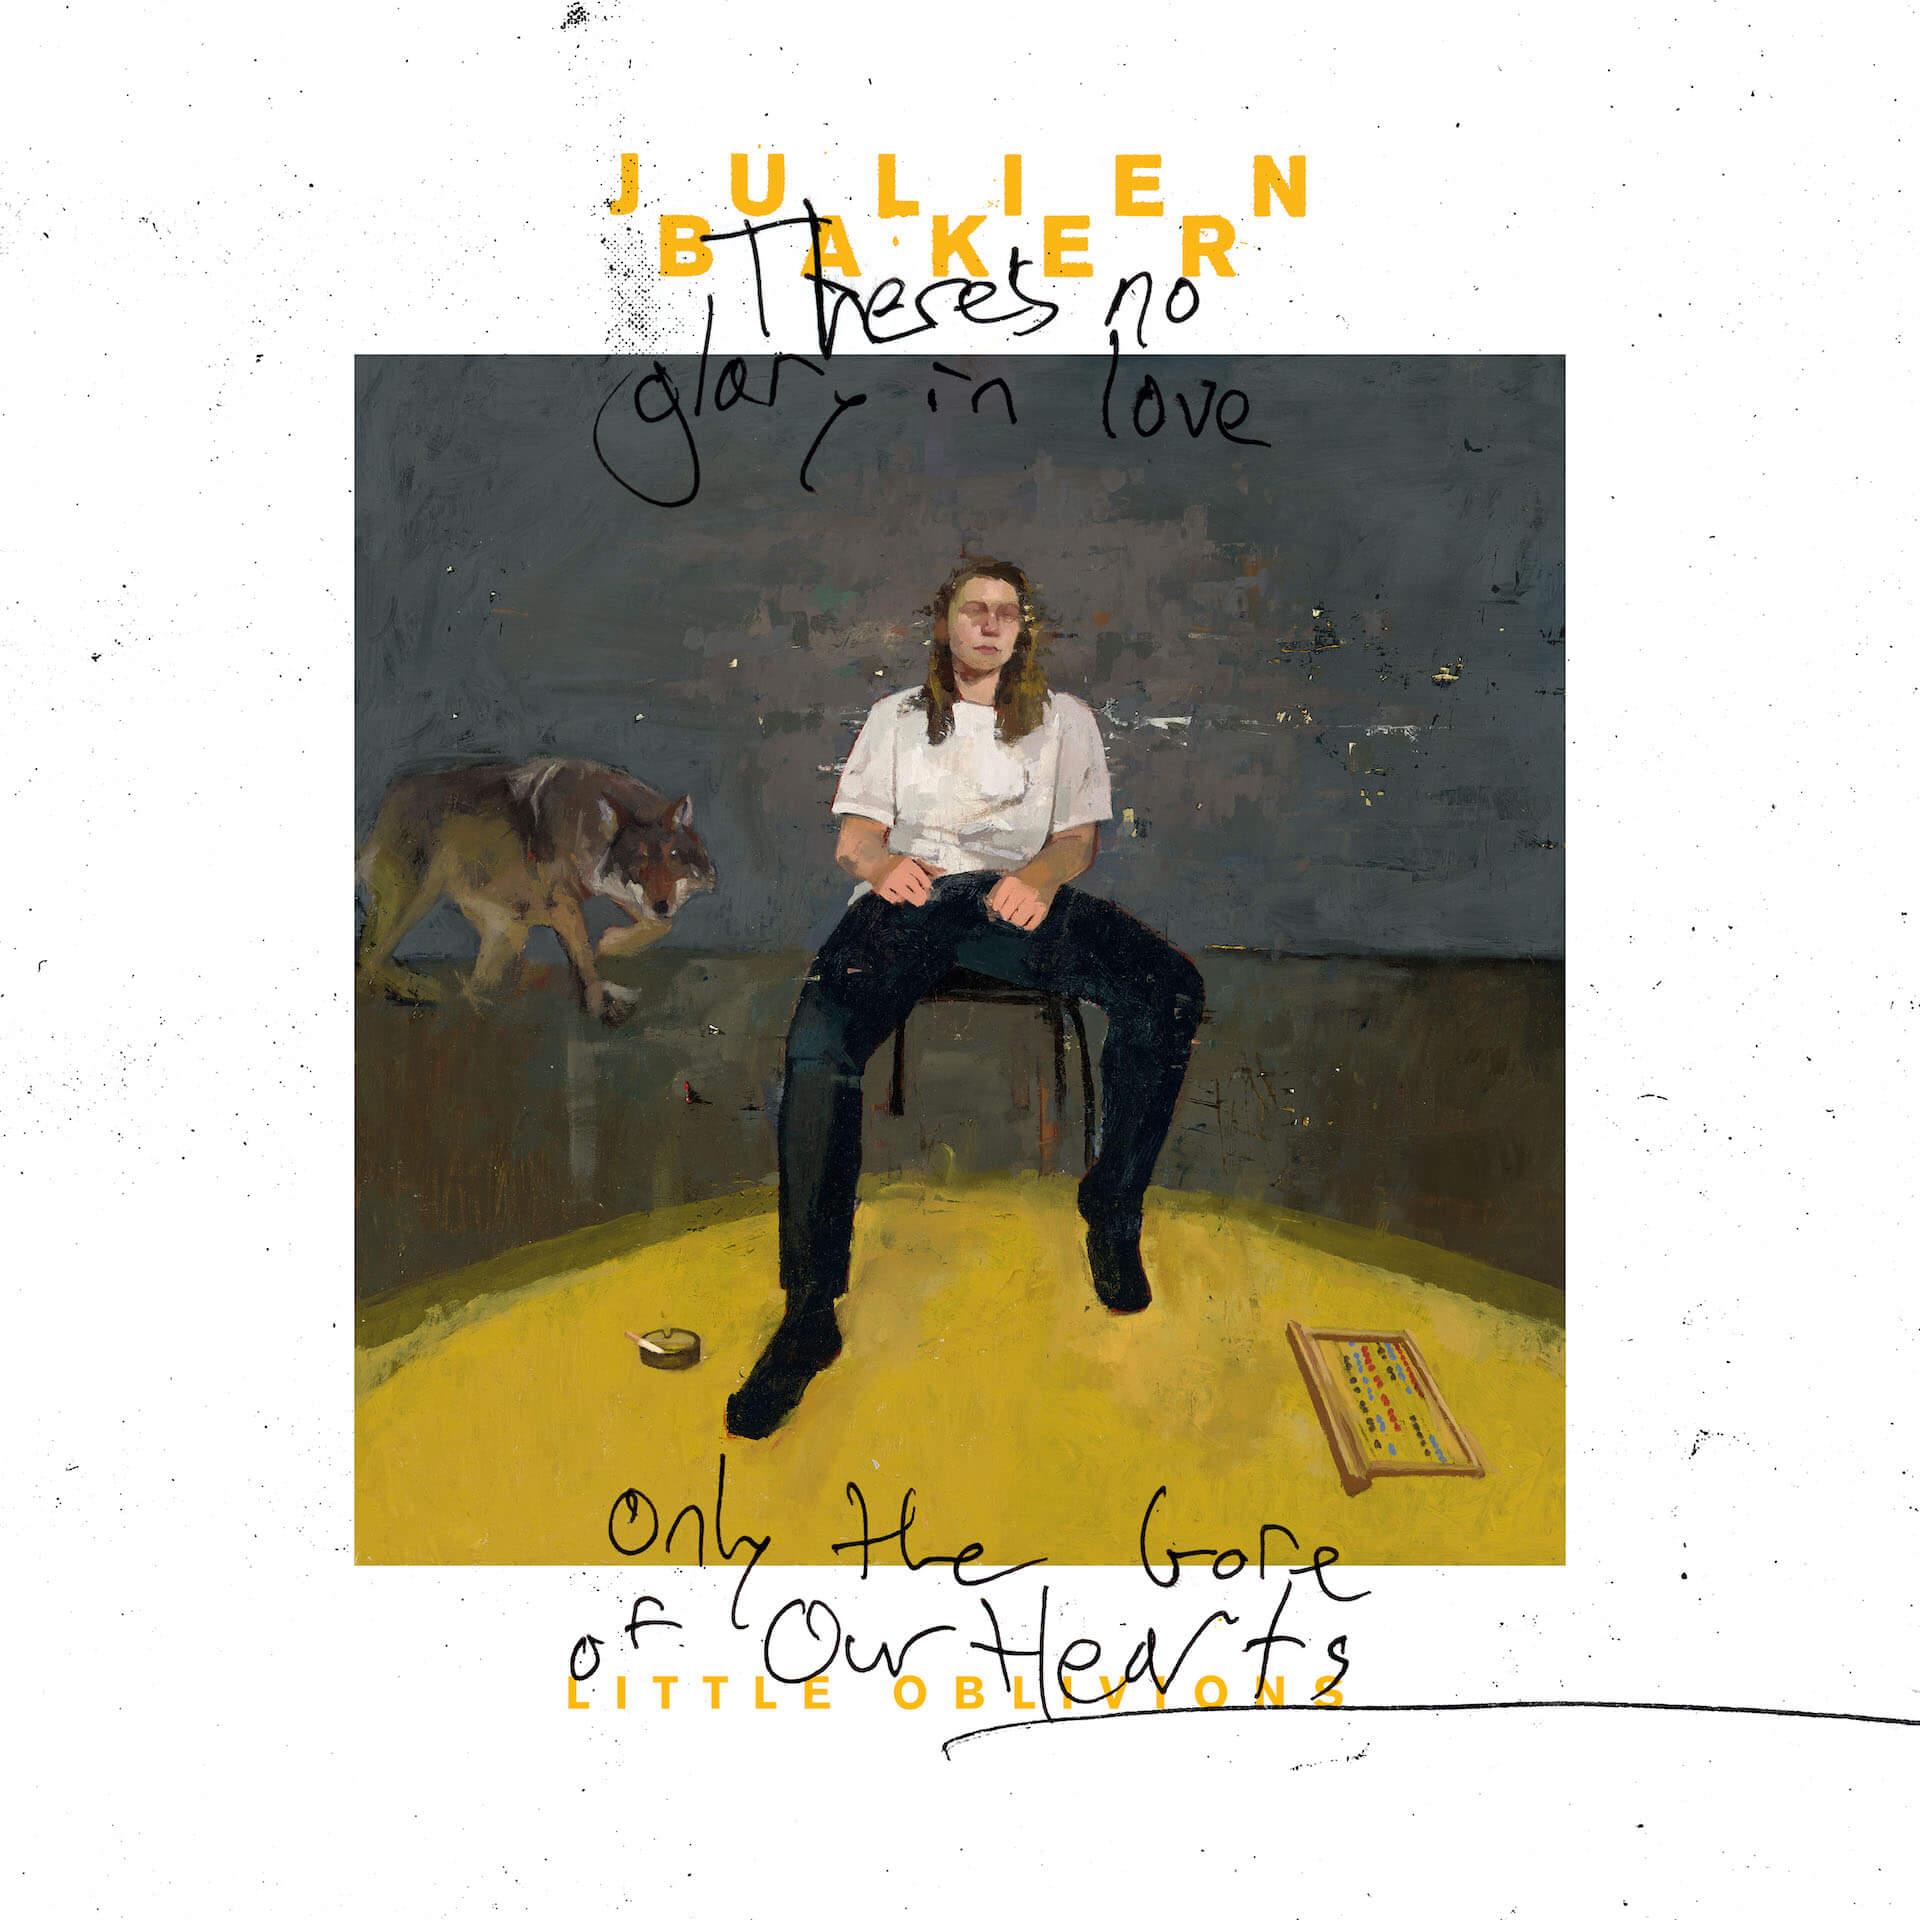 """Julien Bakerの4年ぶりとなる3rdアルバム『Little Oblivions』から""""Hardline""""のMVが公開 music210114_Julien-Baker-01"""